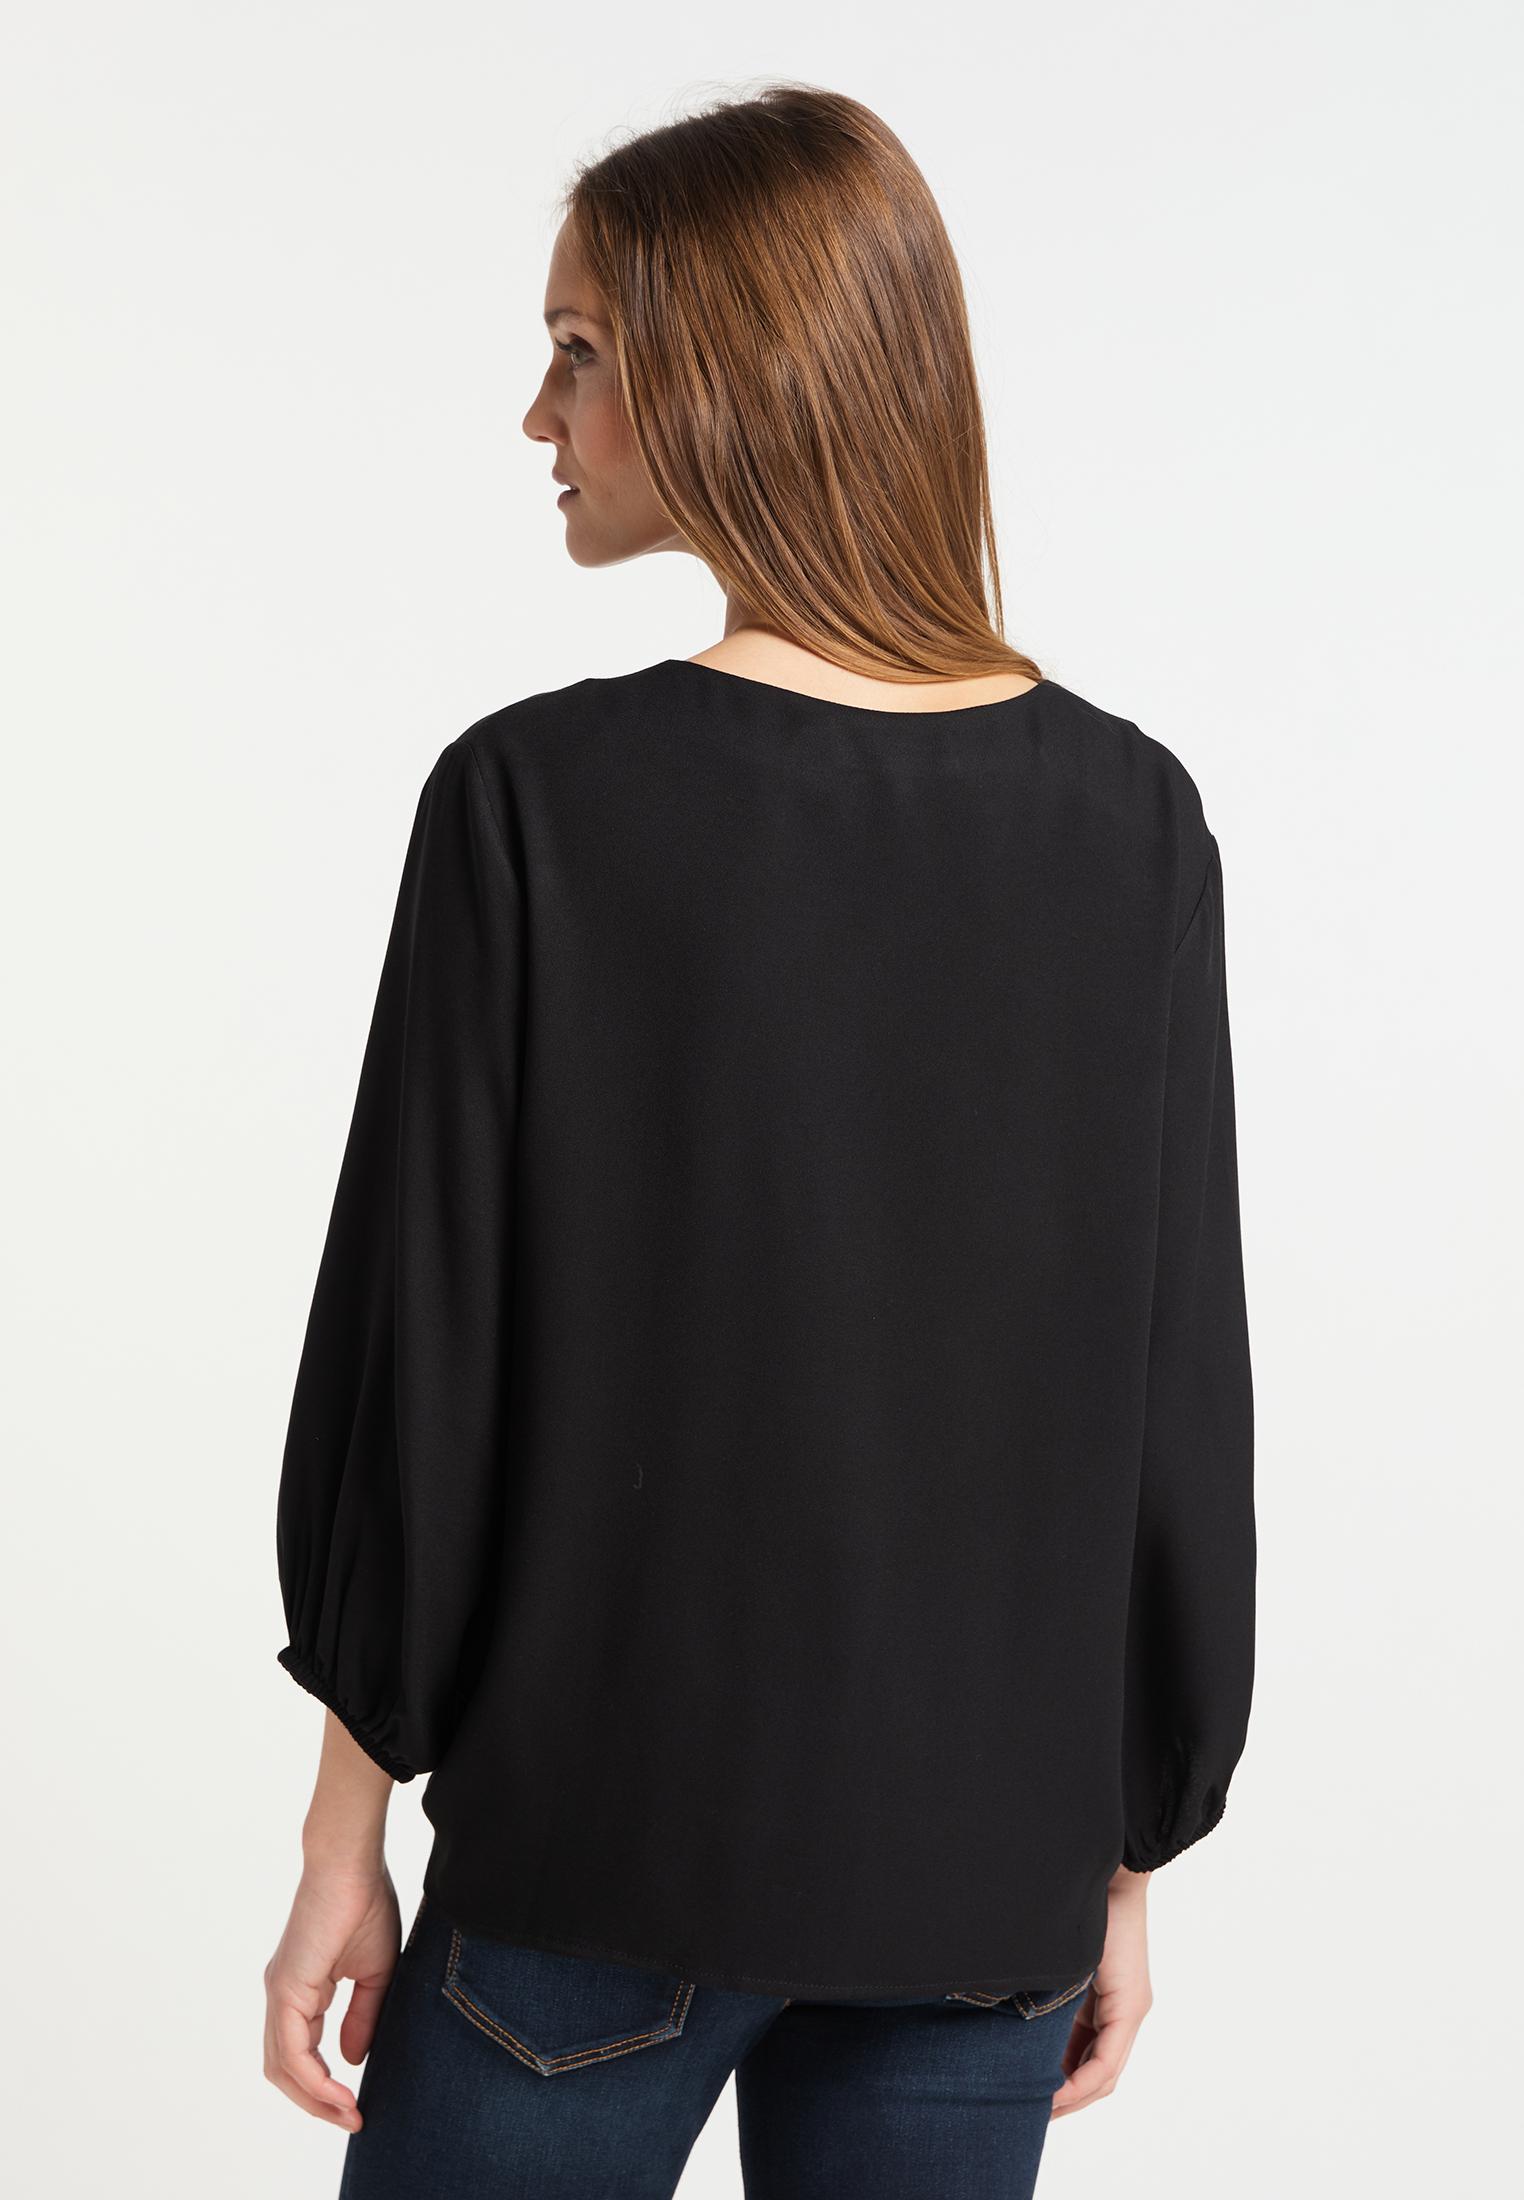 Usha Bluse in schwarz günstig kaufen